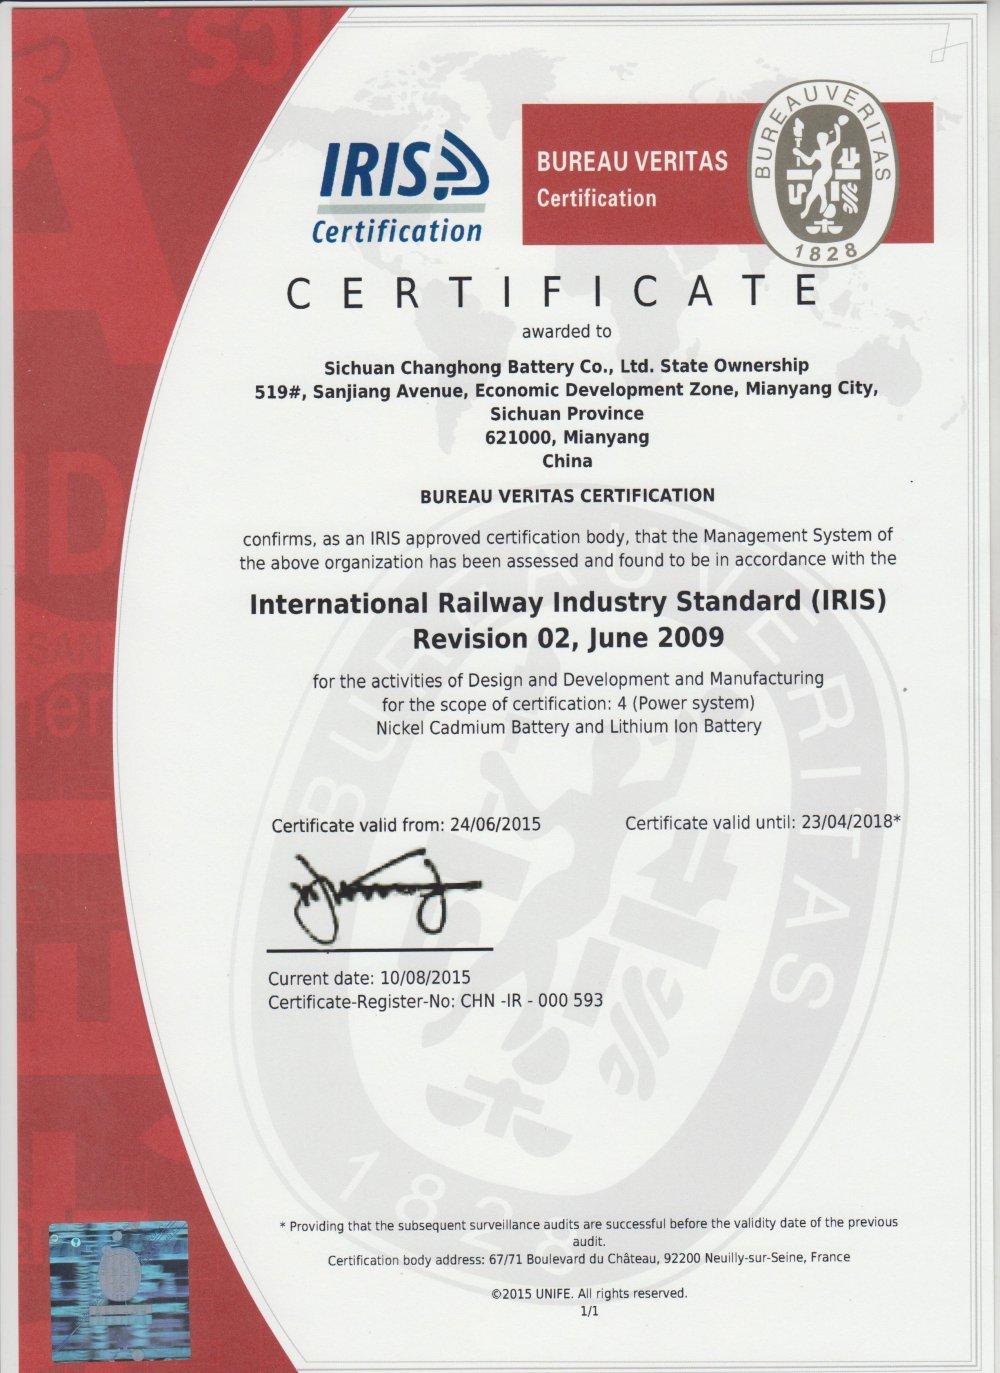 iris certificate sichuan changhong battery co ltd pdf